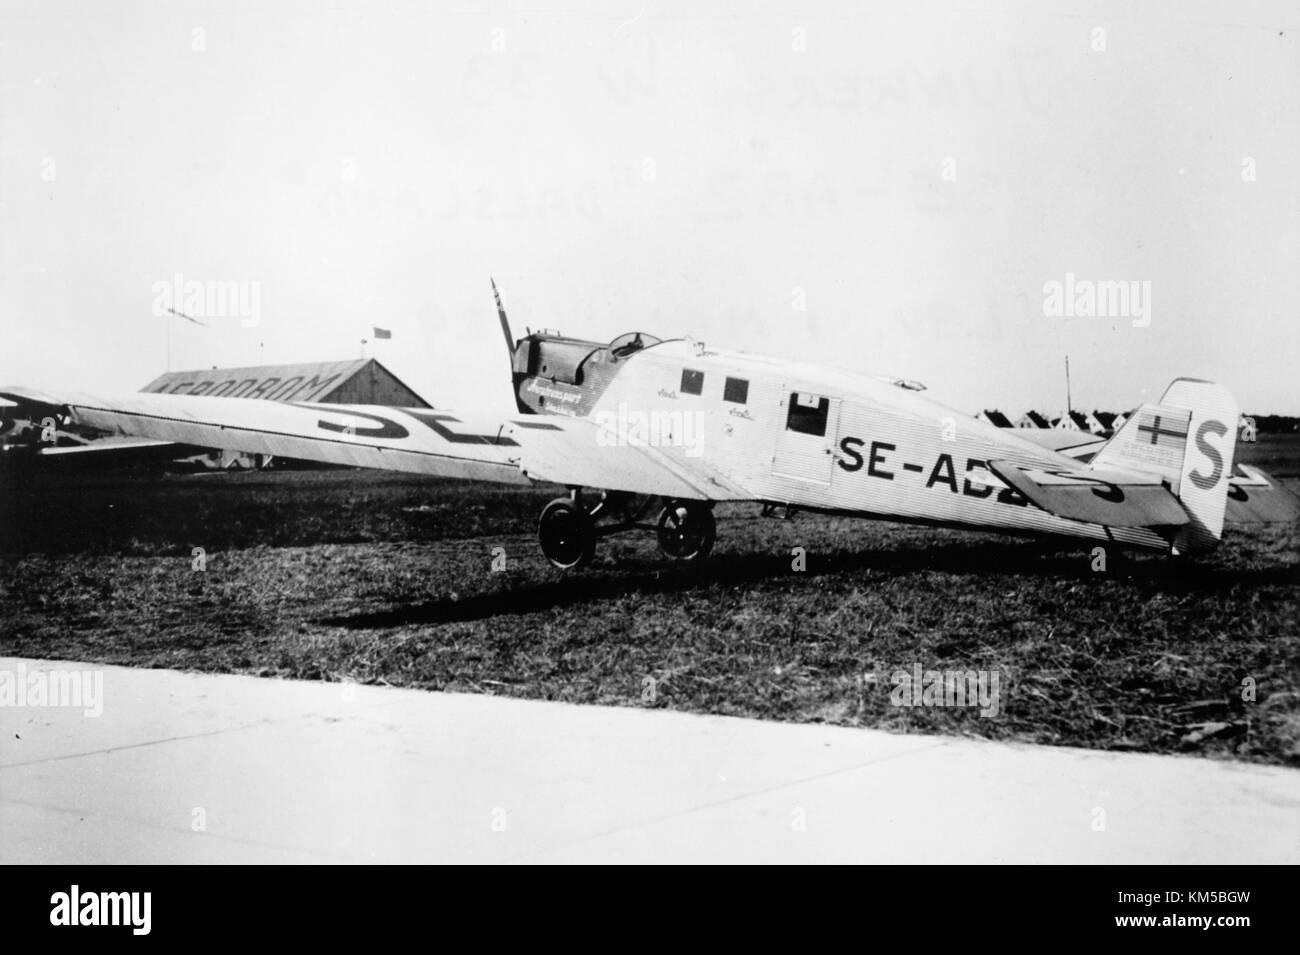 junker 33 w dalsland se abz aba avion s 39 en mai 1929 1 banque d 39 images photo stock. Black Bedroom Furniture Sets. Home Design Ideas